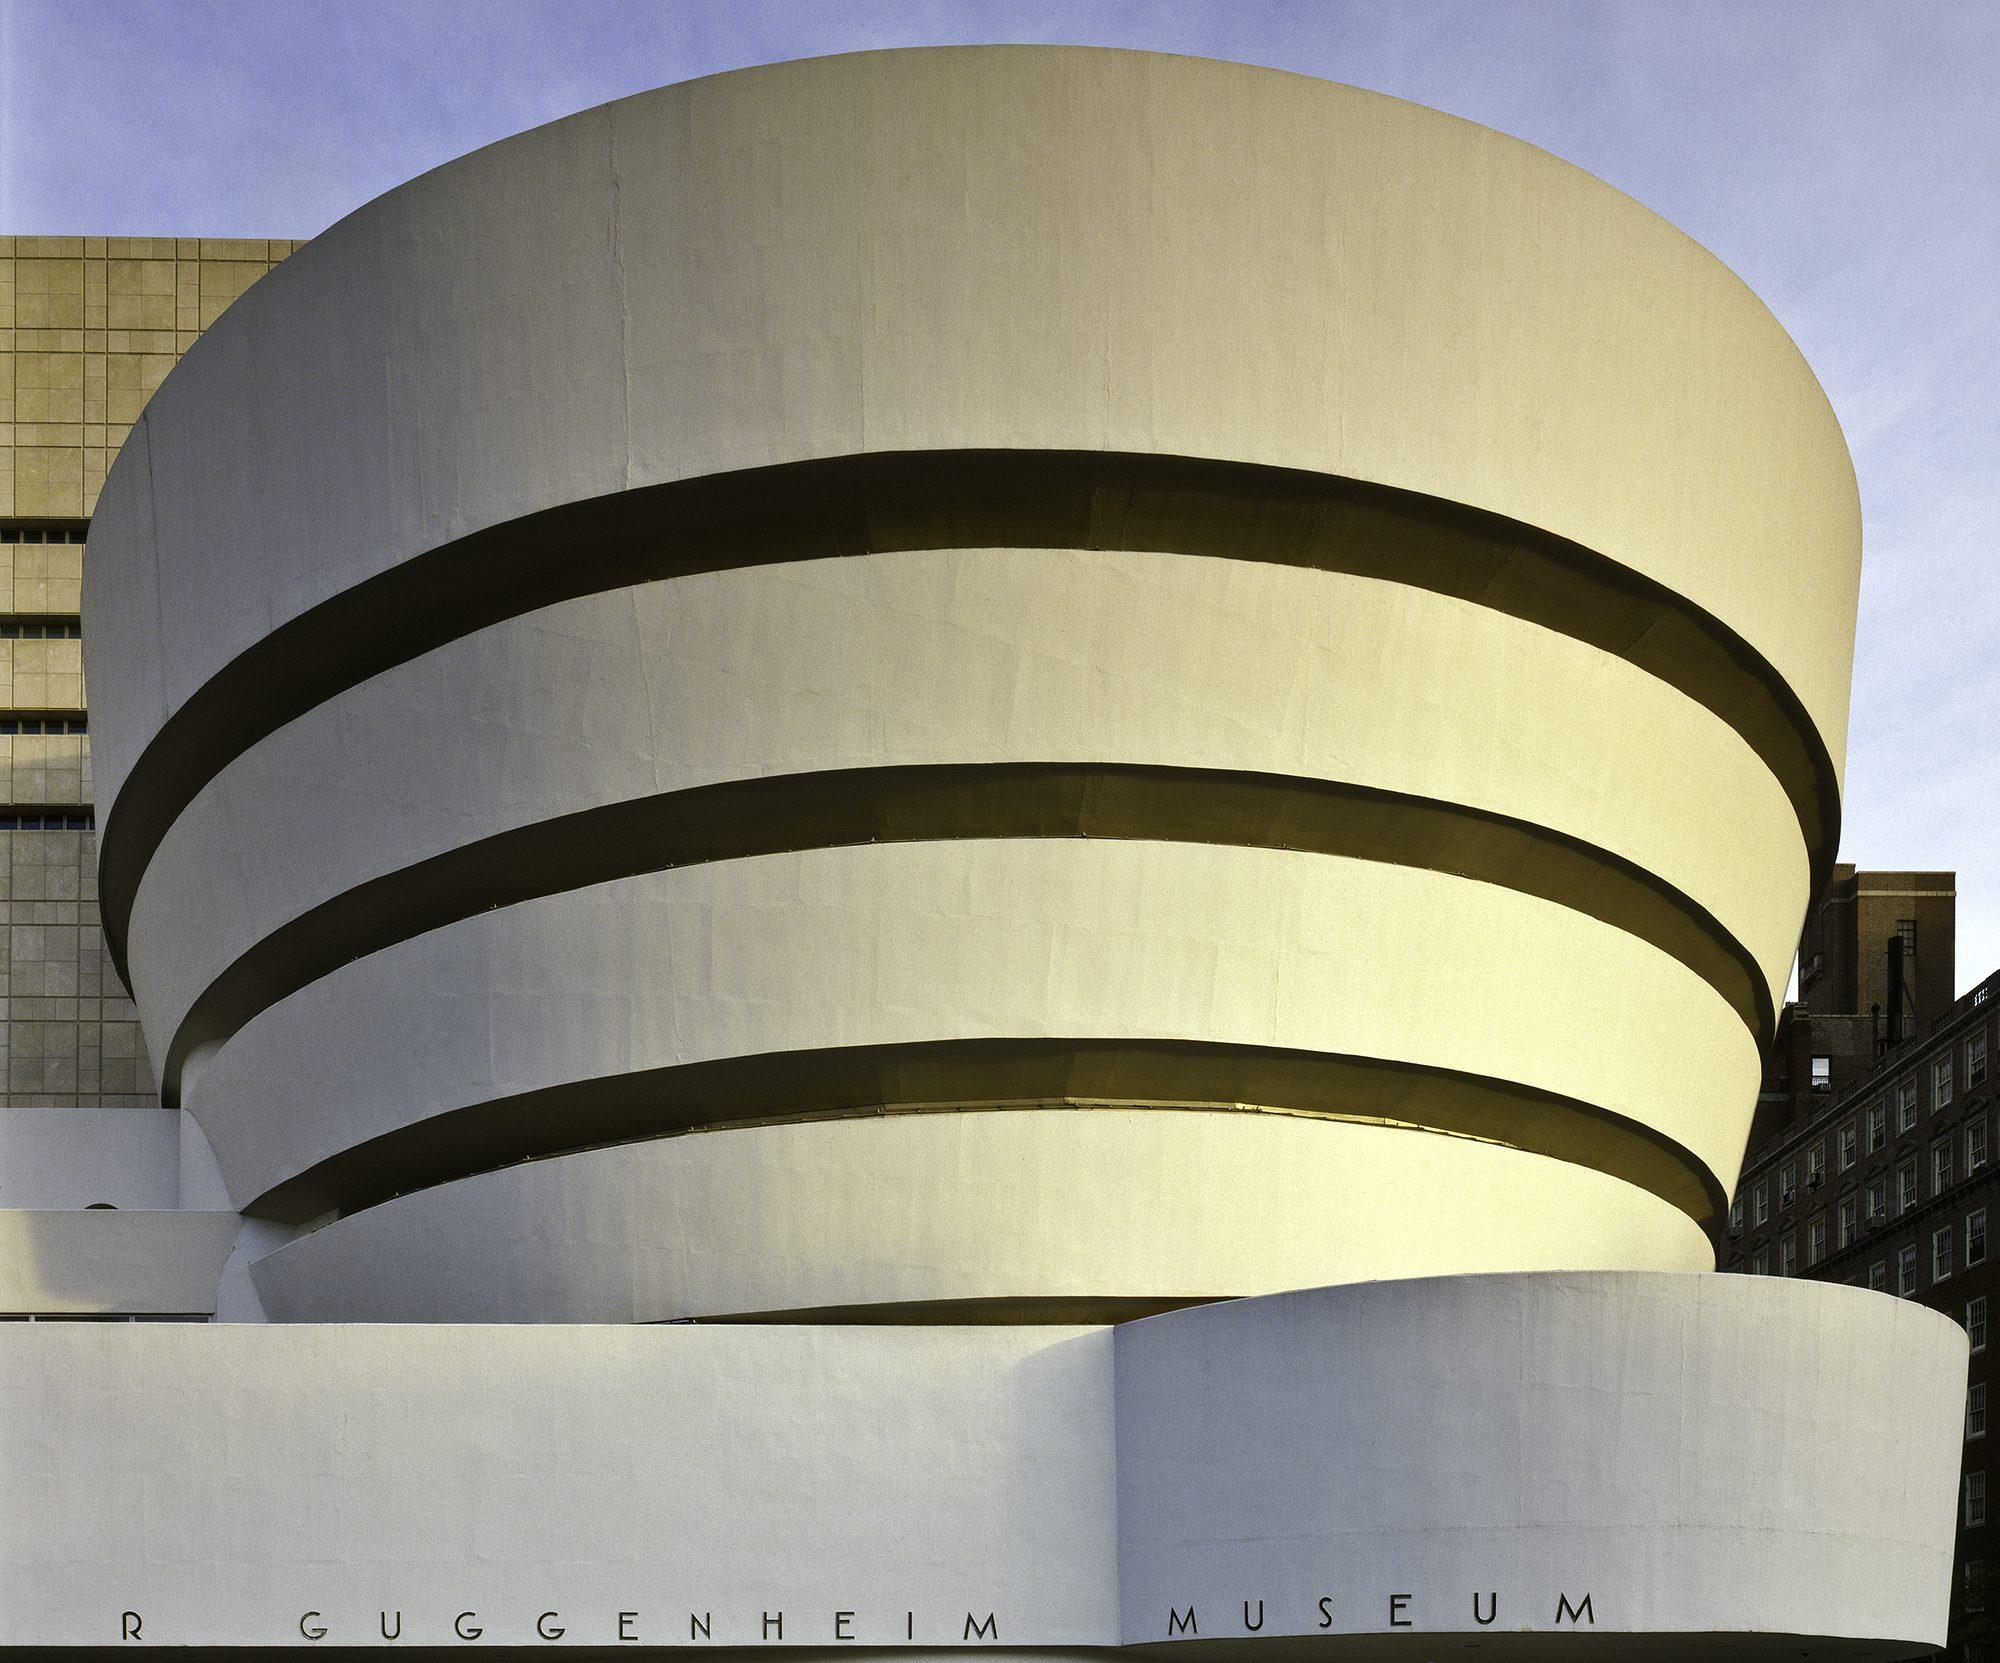 Solomon R. Guggenheim Museum, New York. Photo: David M. Heald © The Solomon R. Guggenheim Foundation, New York